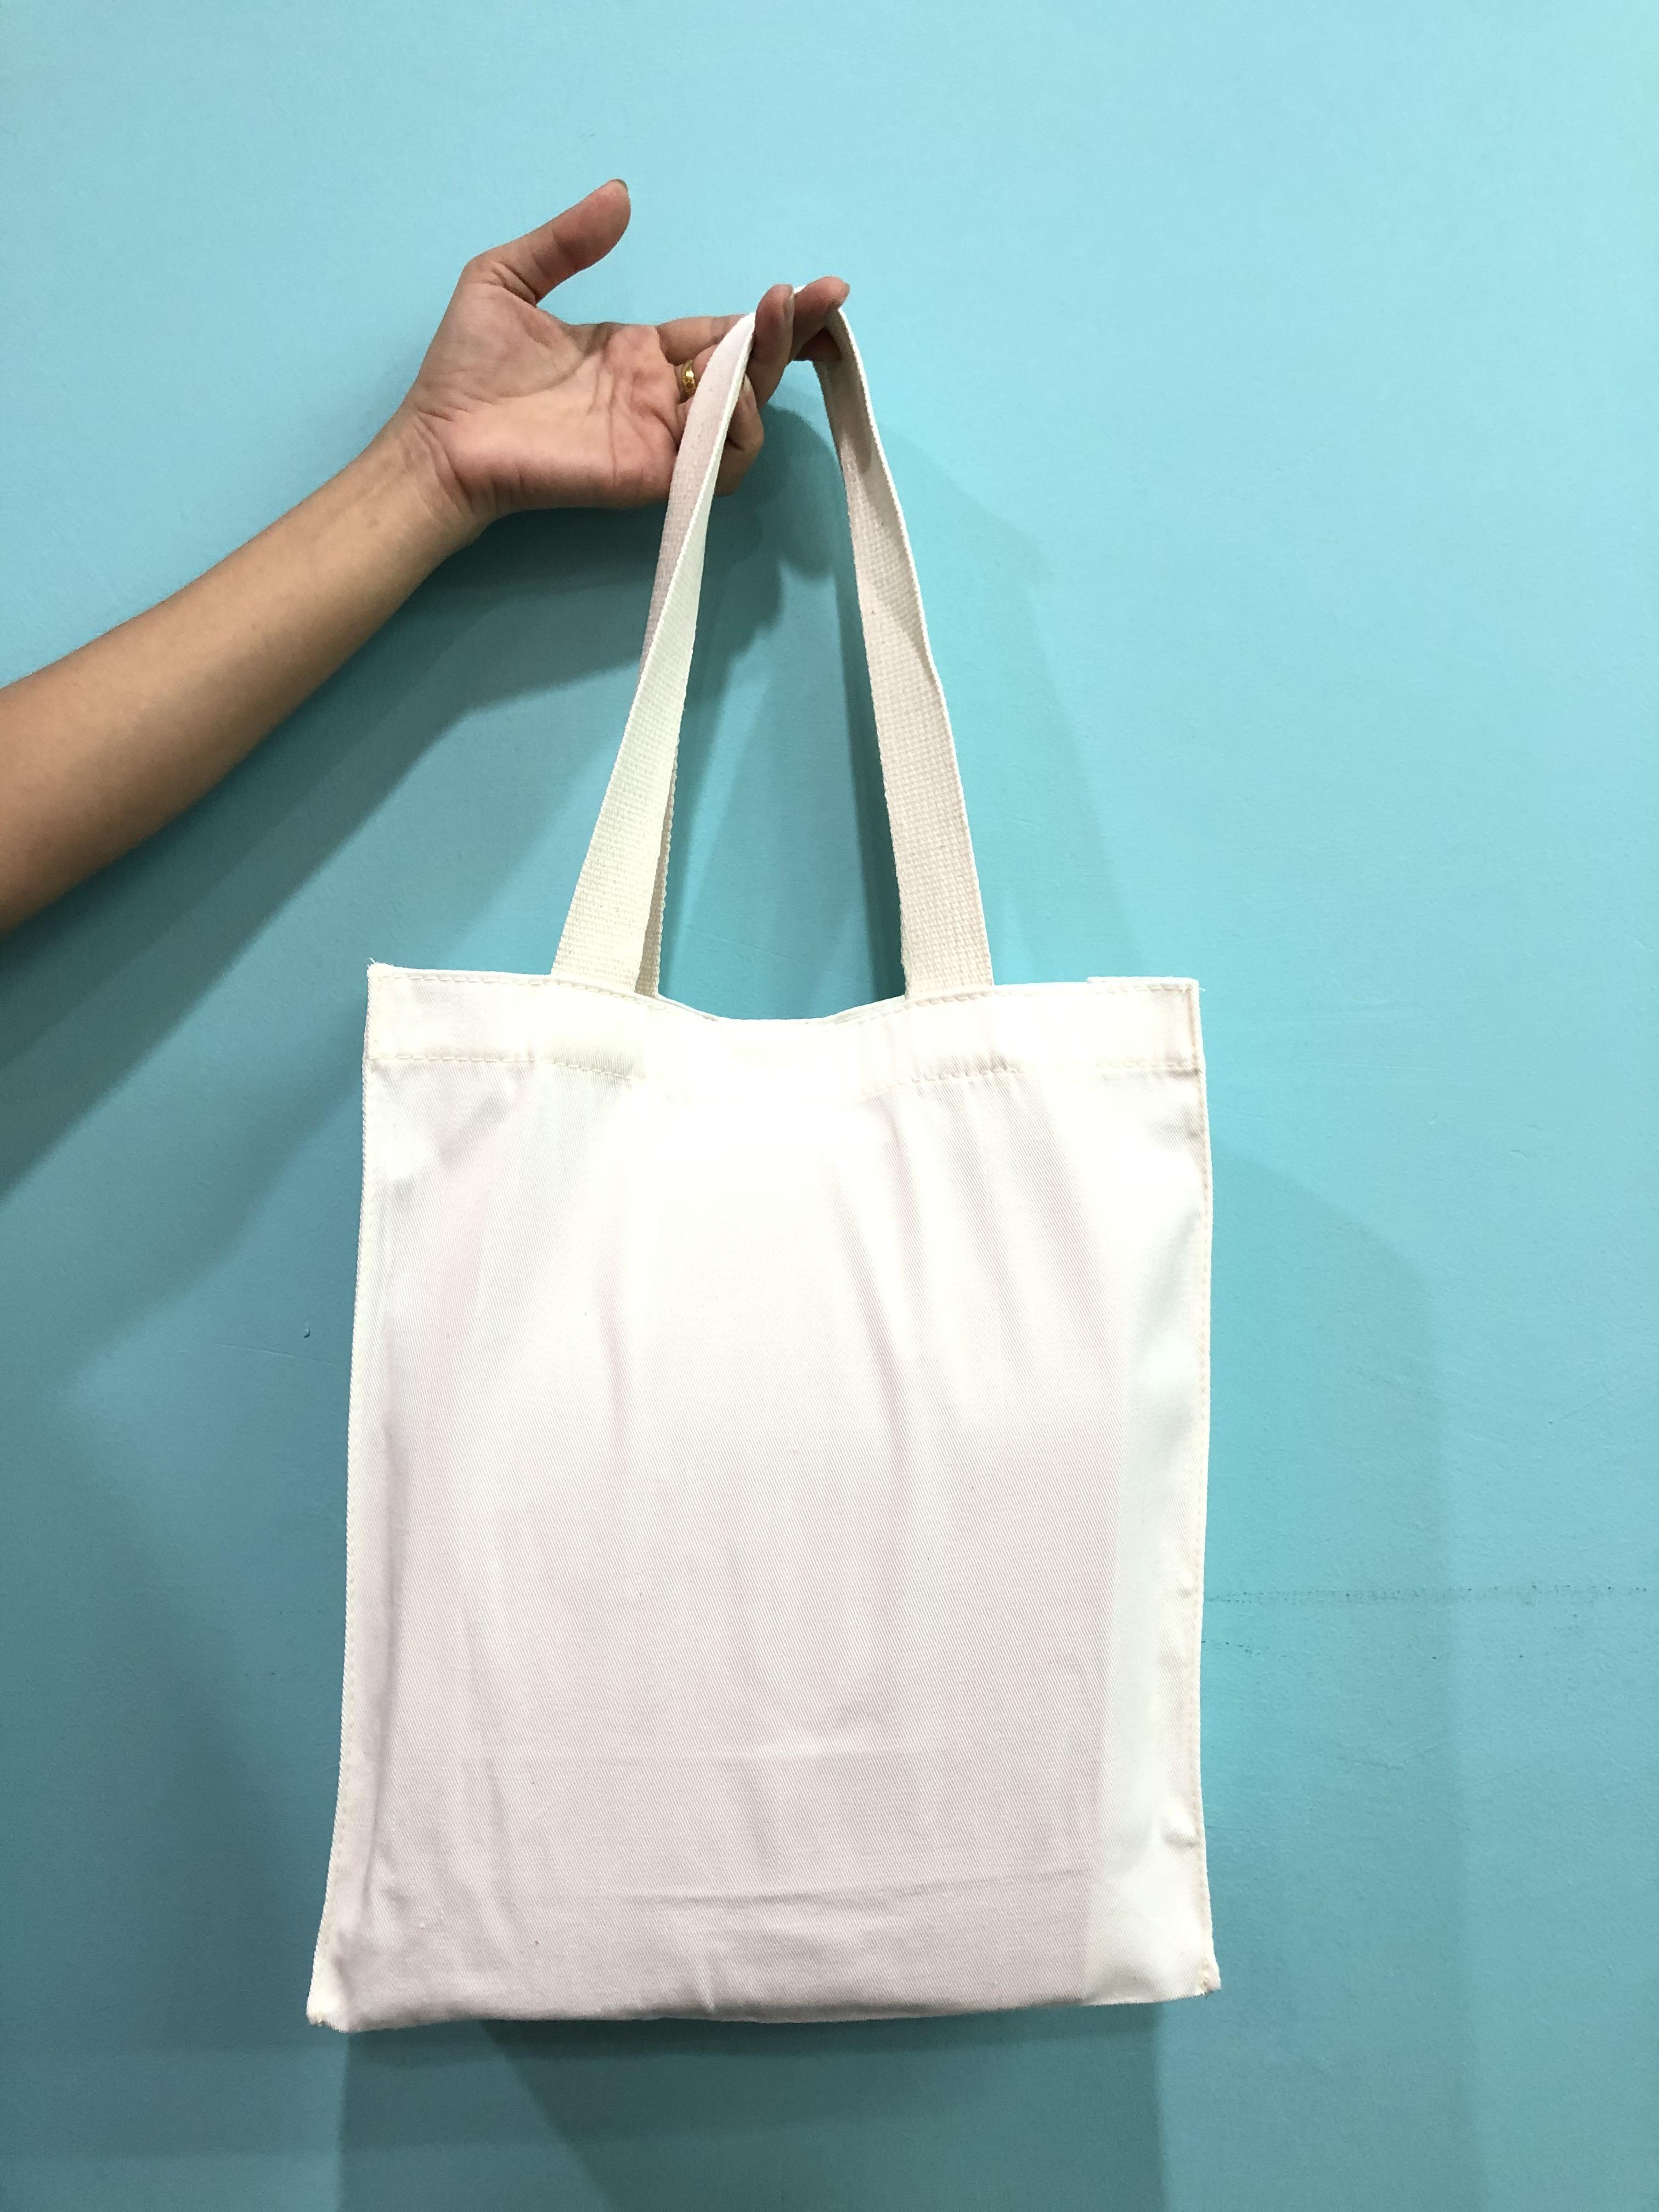 กระเป๋าช้อปปิ้ง ถุงผ้า รุ่น 9006